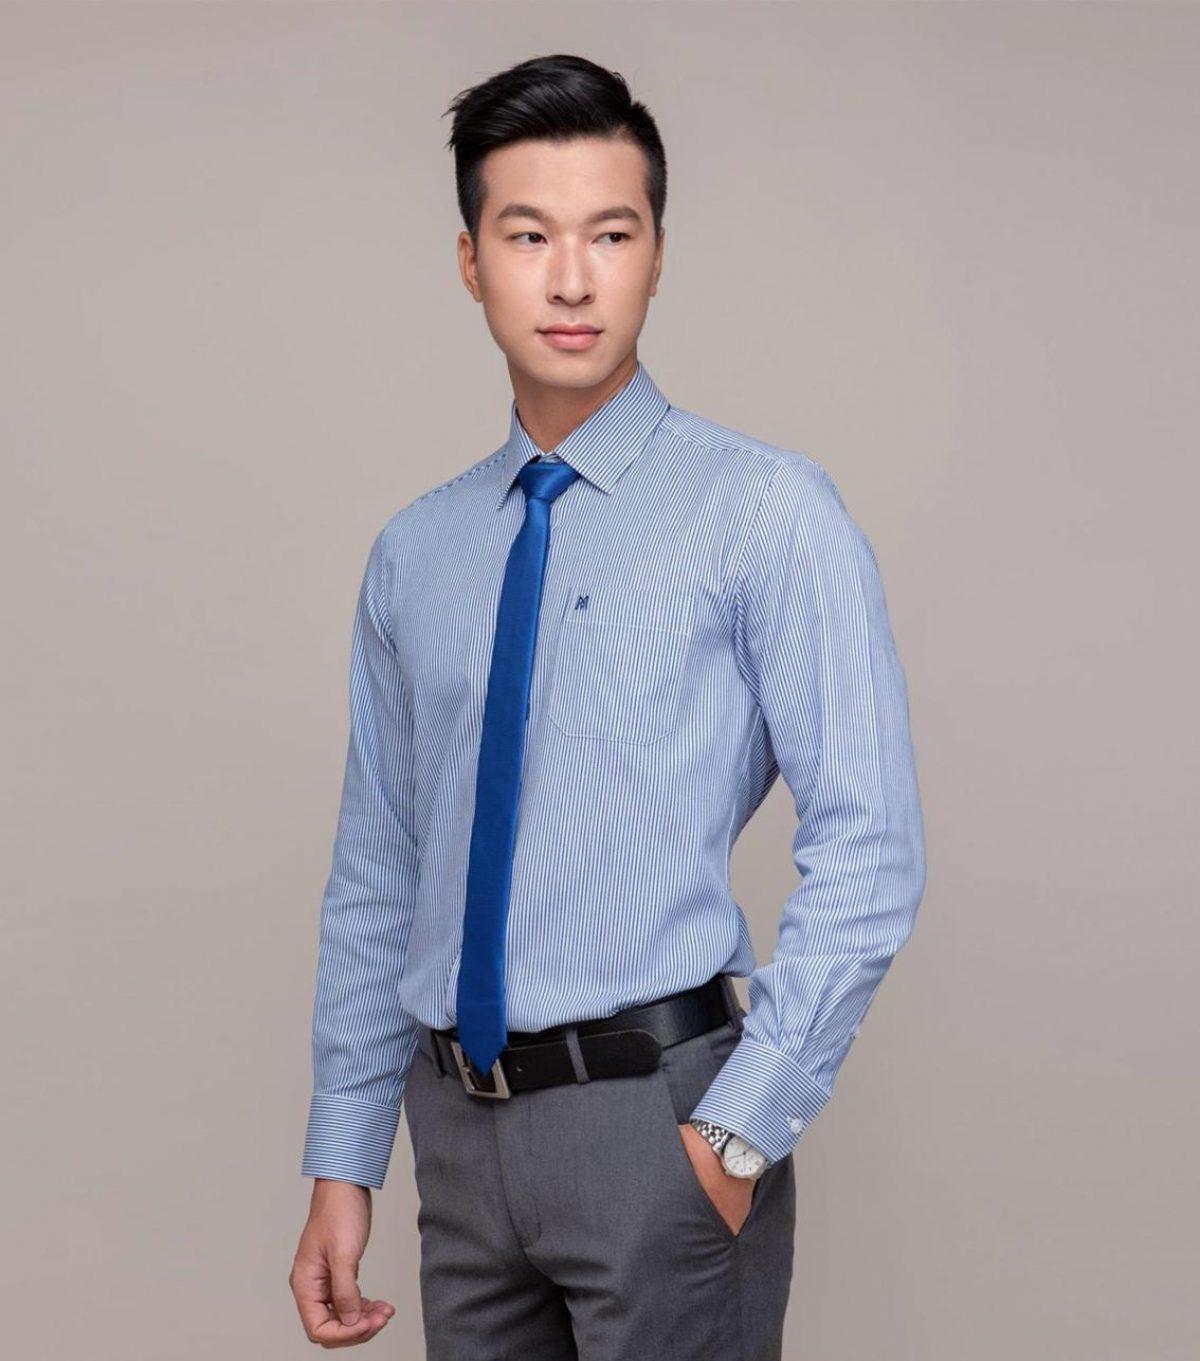 Mẫu đồng phục áo sơ mi công sở may sẵn